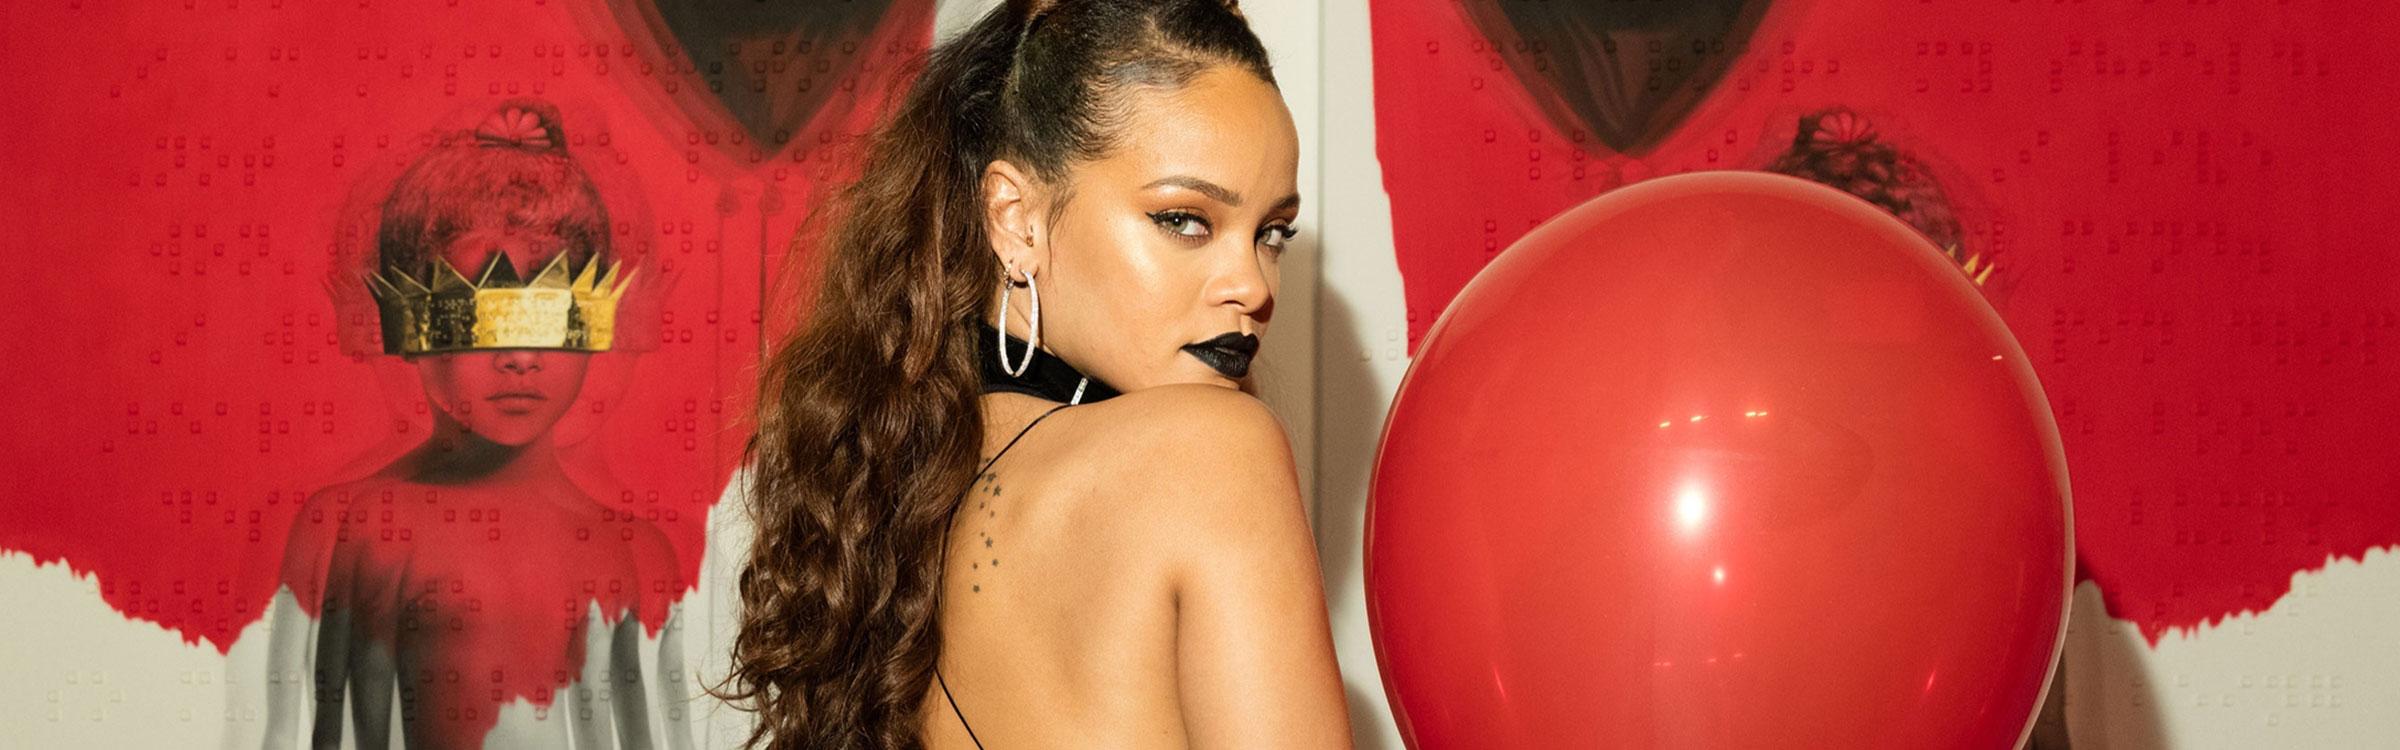 Rihanna anti page